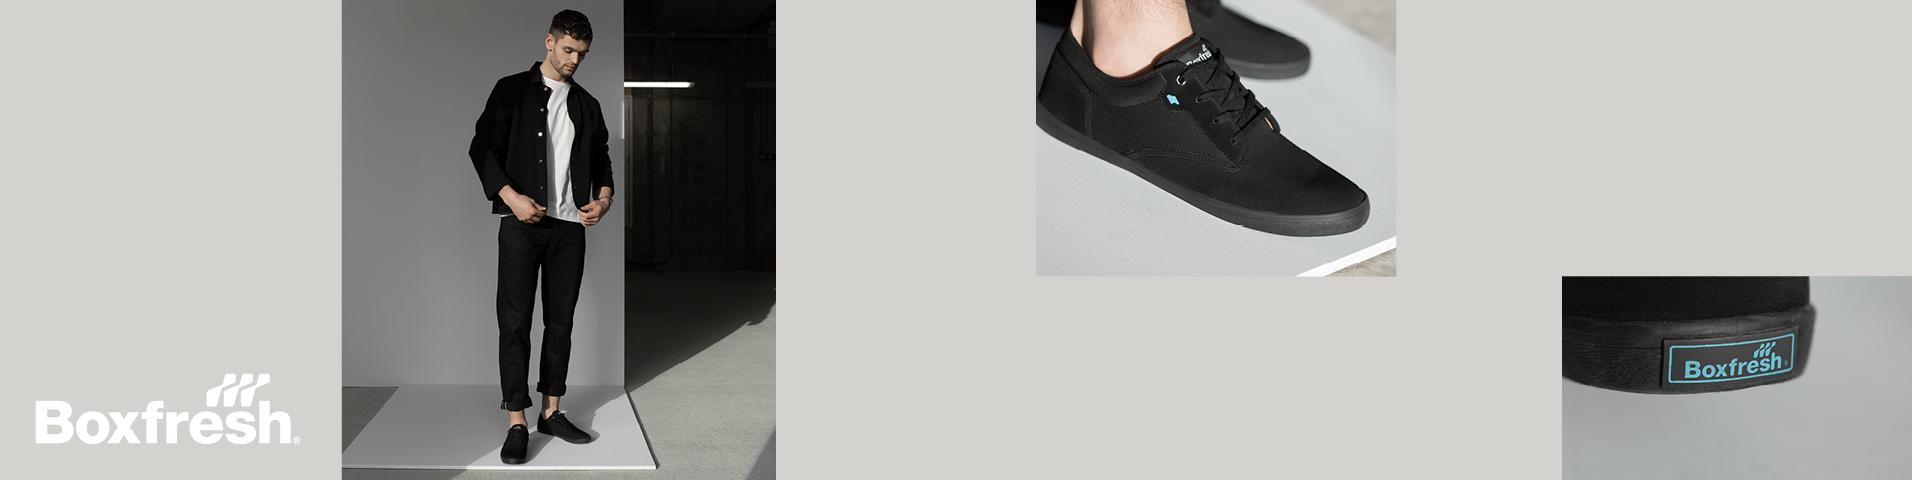 the latest c0035 5e760 Scarpe da uomo Boxfresh | Promo su Zalando